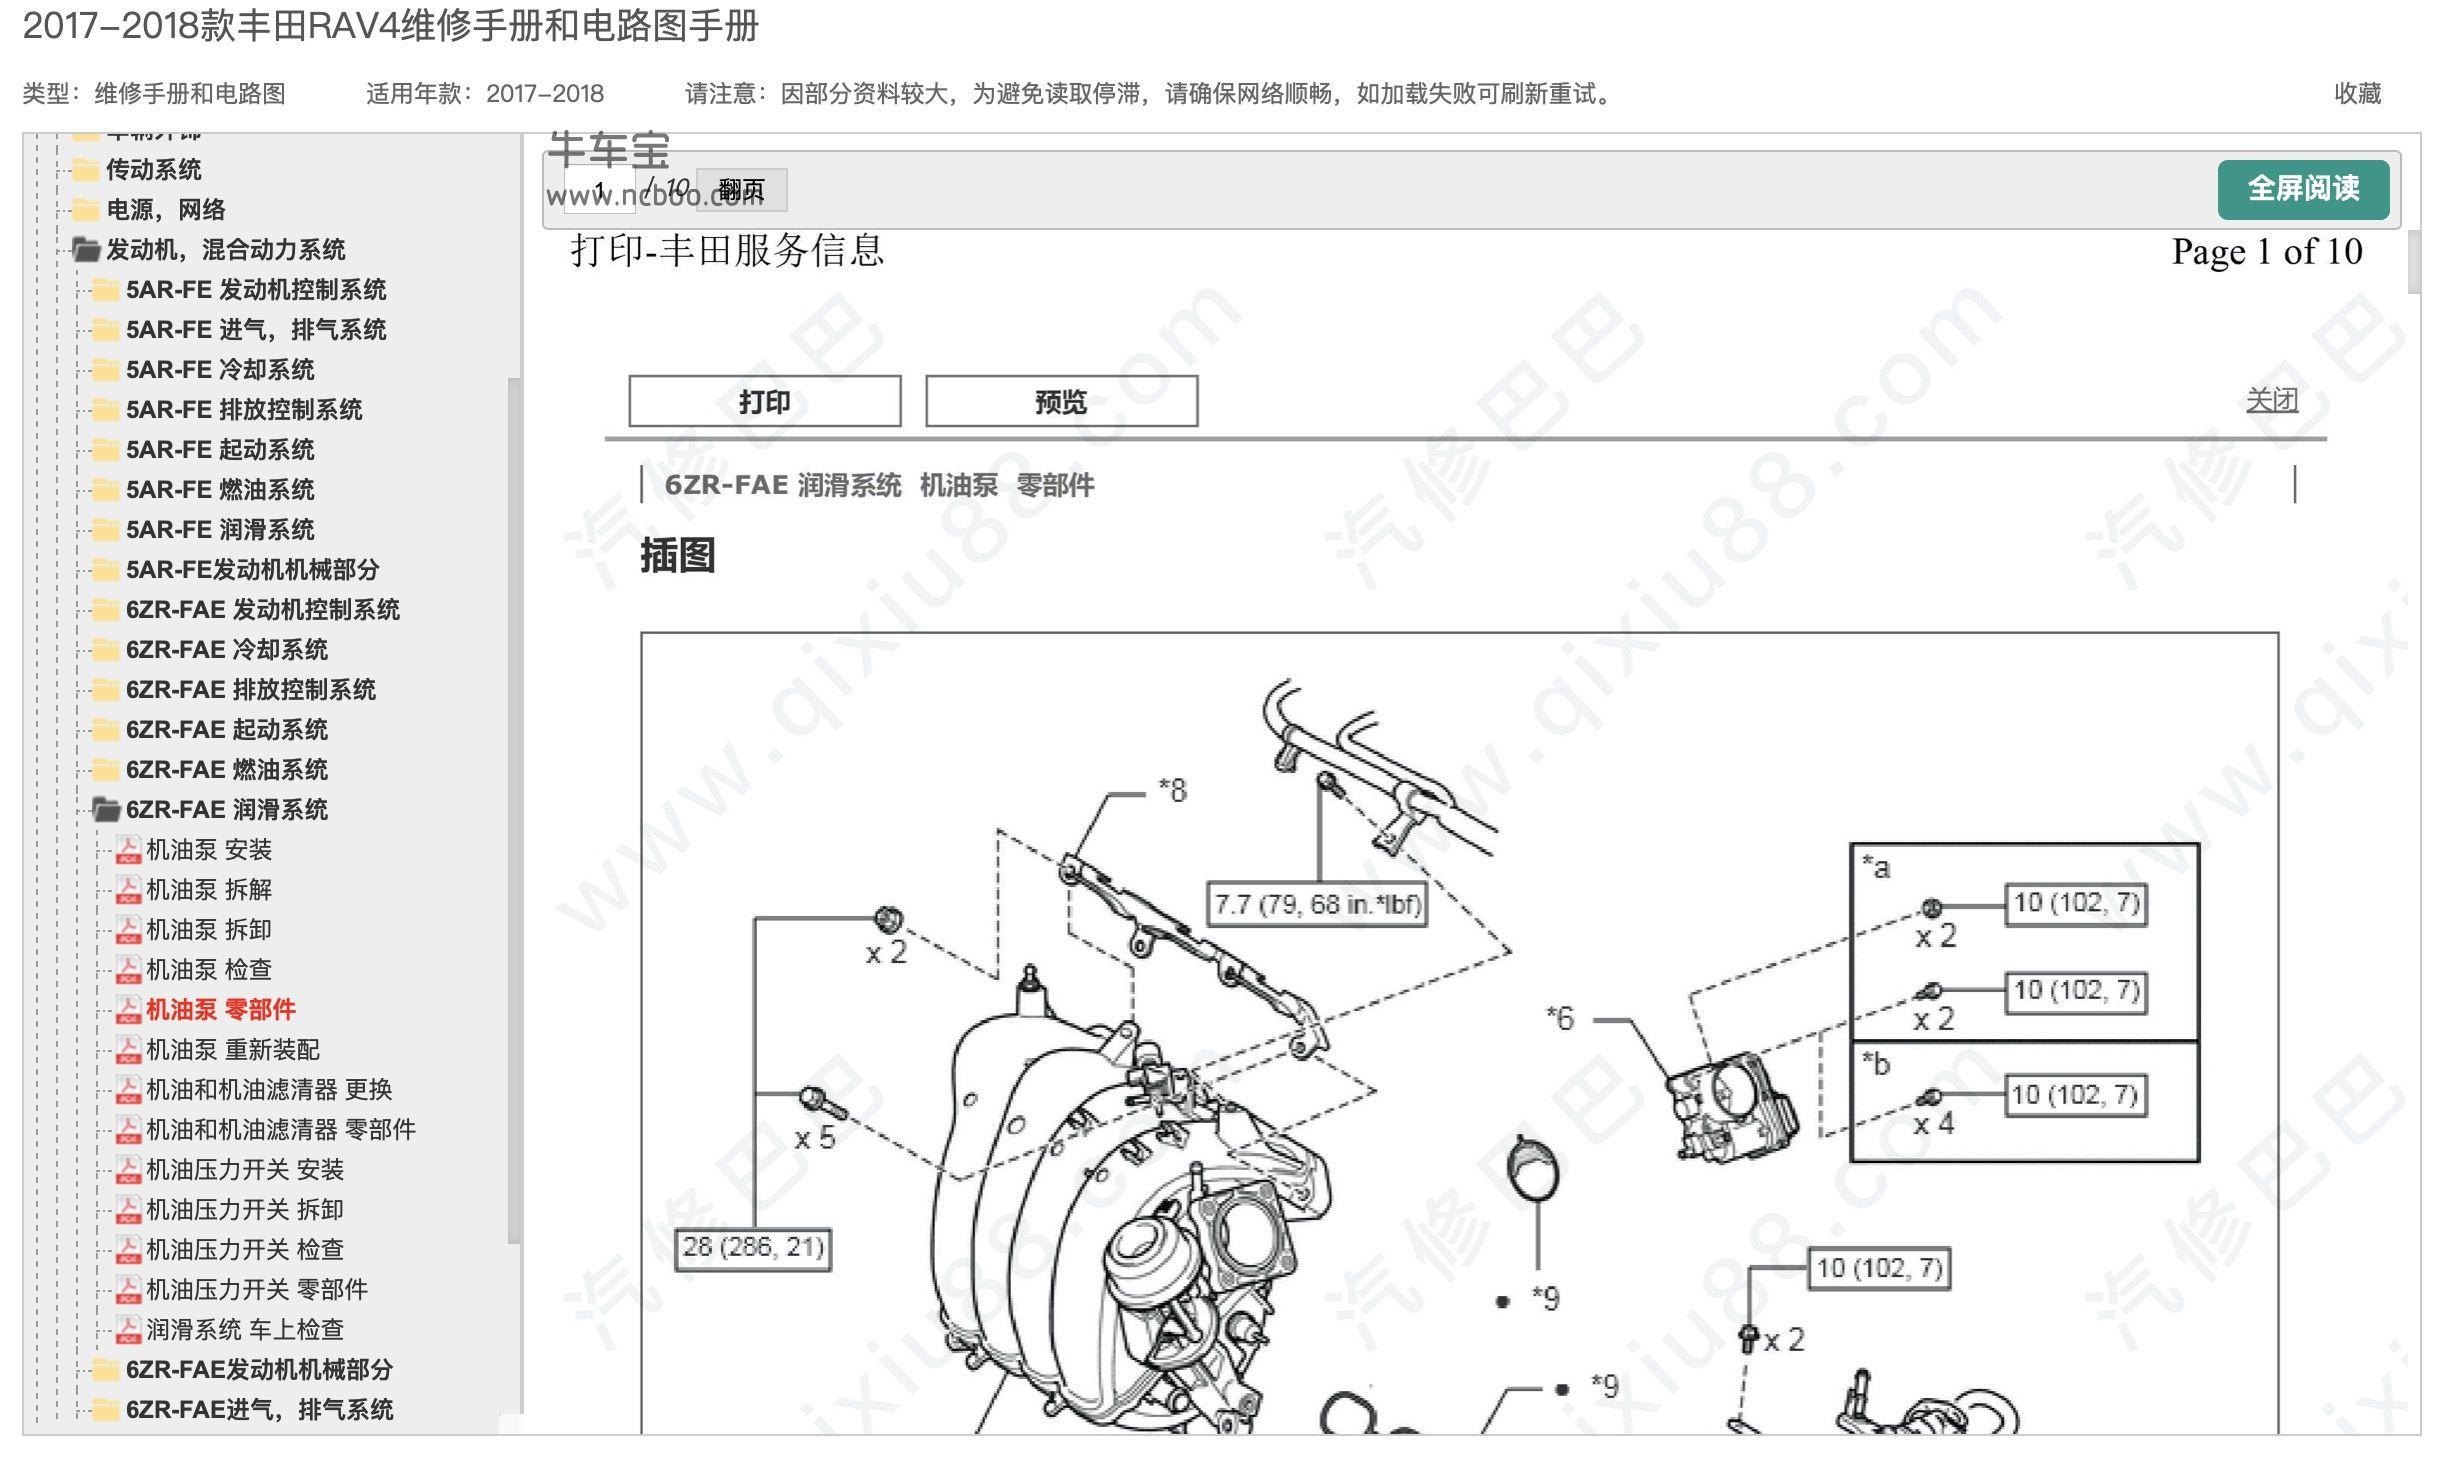 丰田RAV4 6ZR-FAE润滑系统 机油泵 进气排气系统维修手册